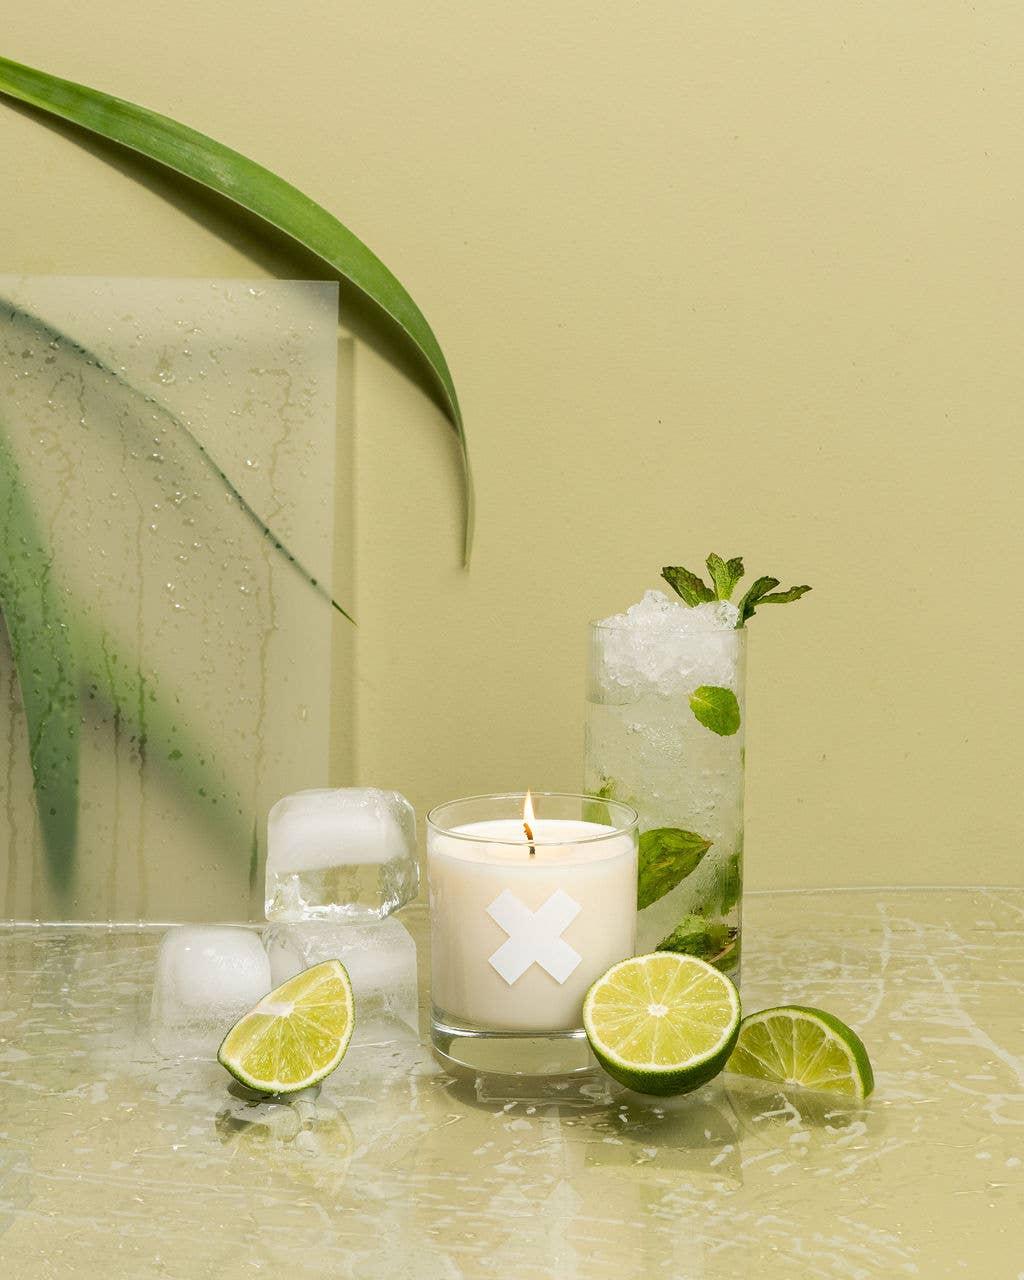 10oz Cocktail Collection - Mojito Scent | Trada Marketplace